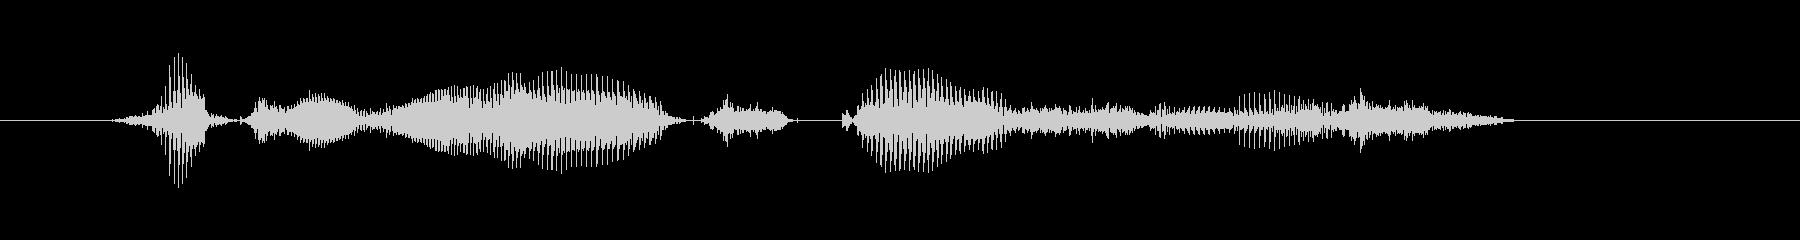 【時報・時間】8時をお伝えしますの未再生の波形